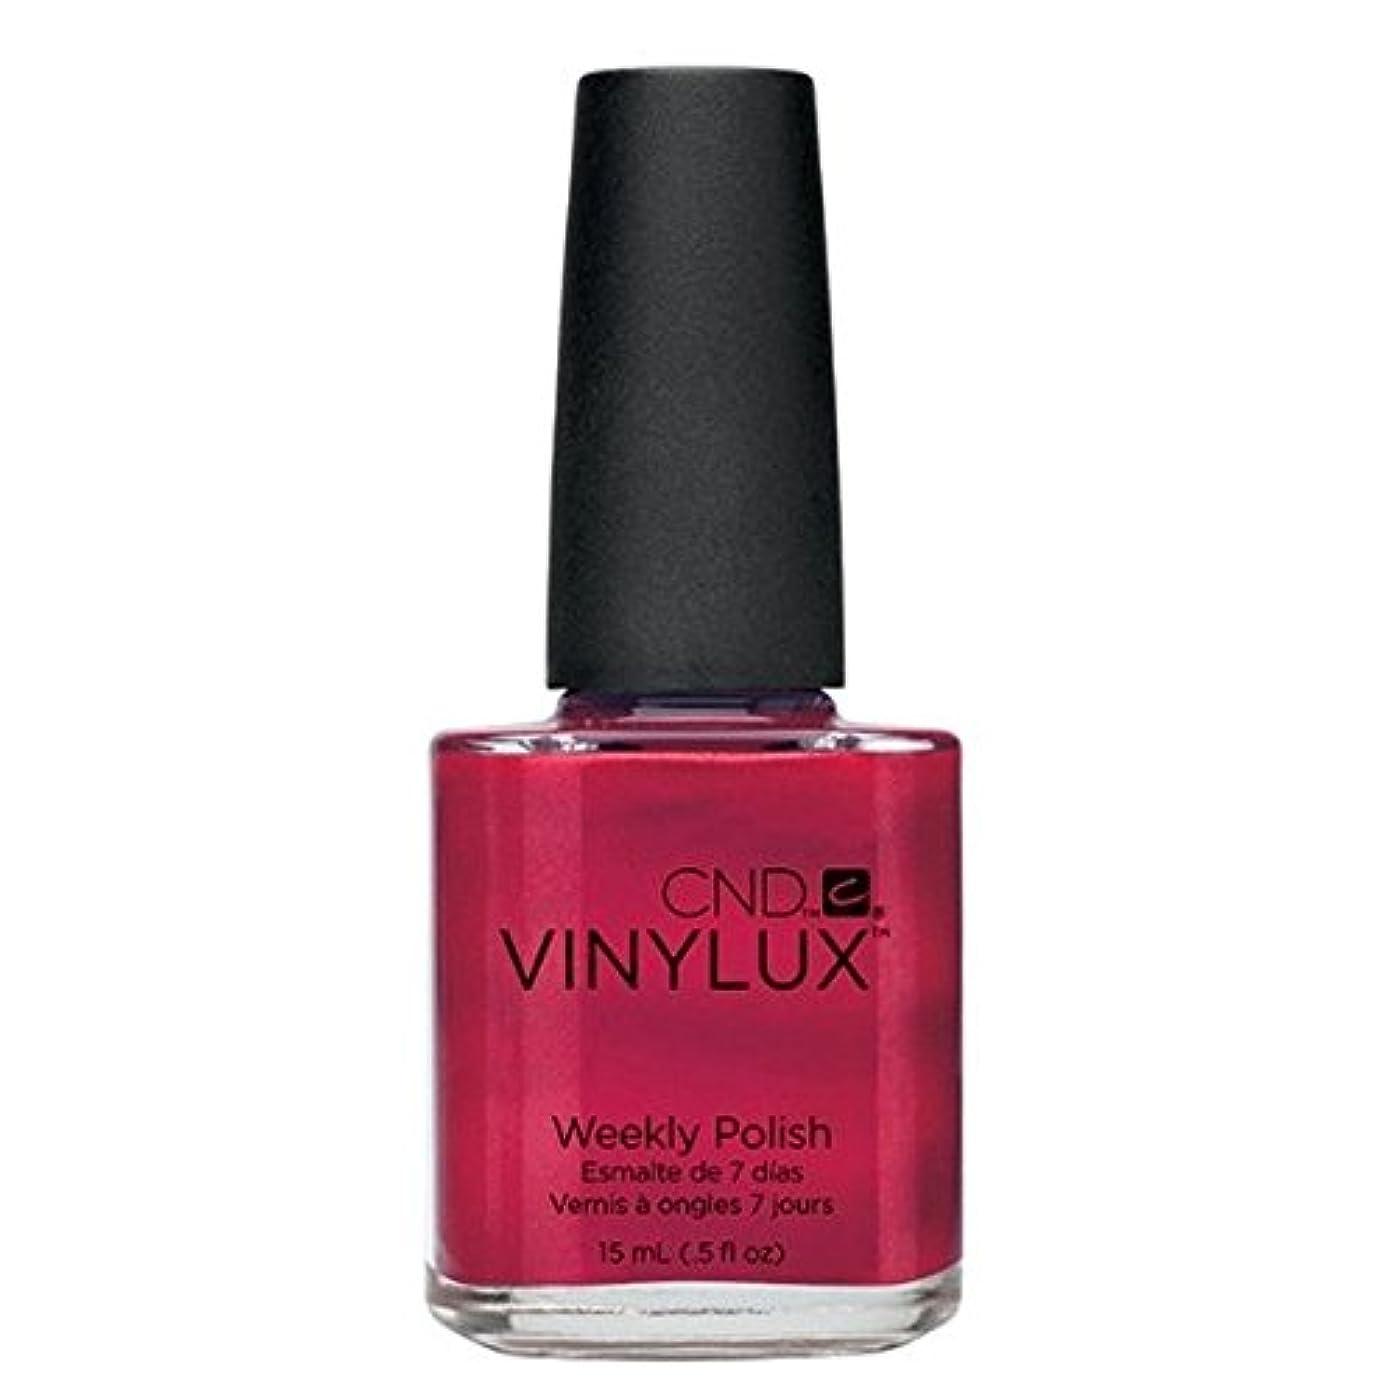 CND Vinylux Manicure Lacquer _ Hot Chilis  #120 _15ml (0.5oz)